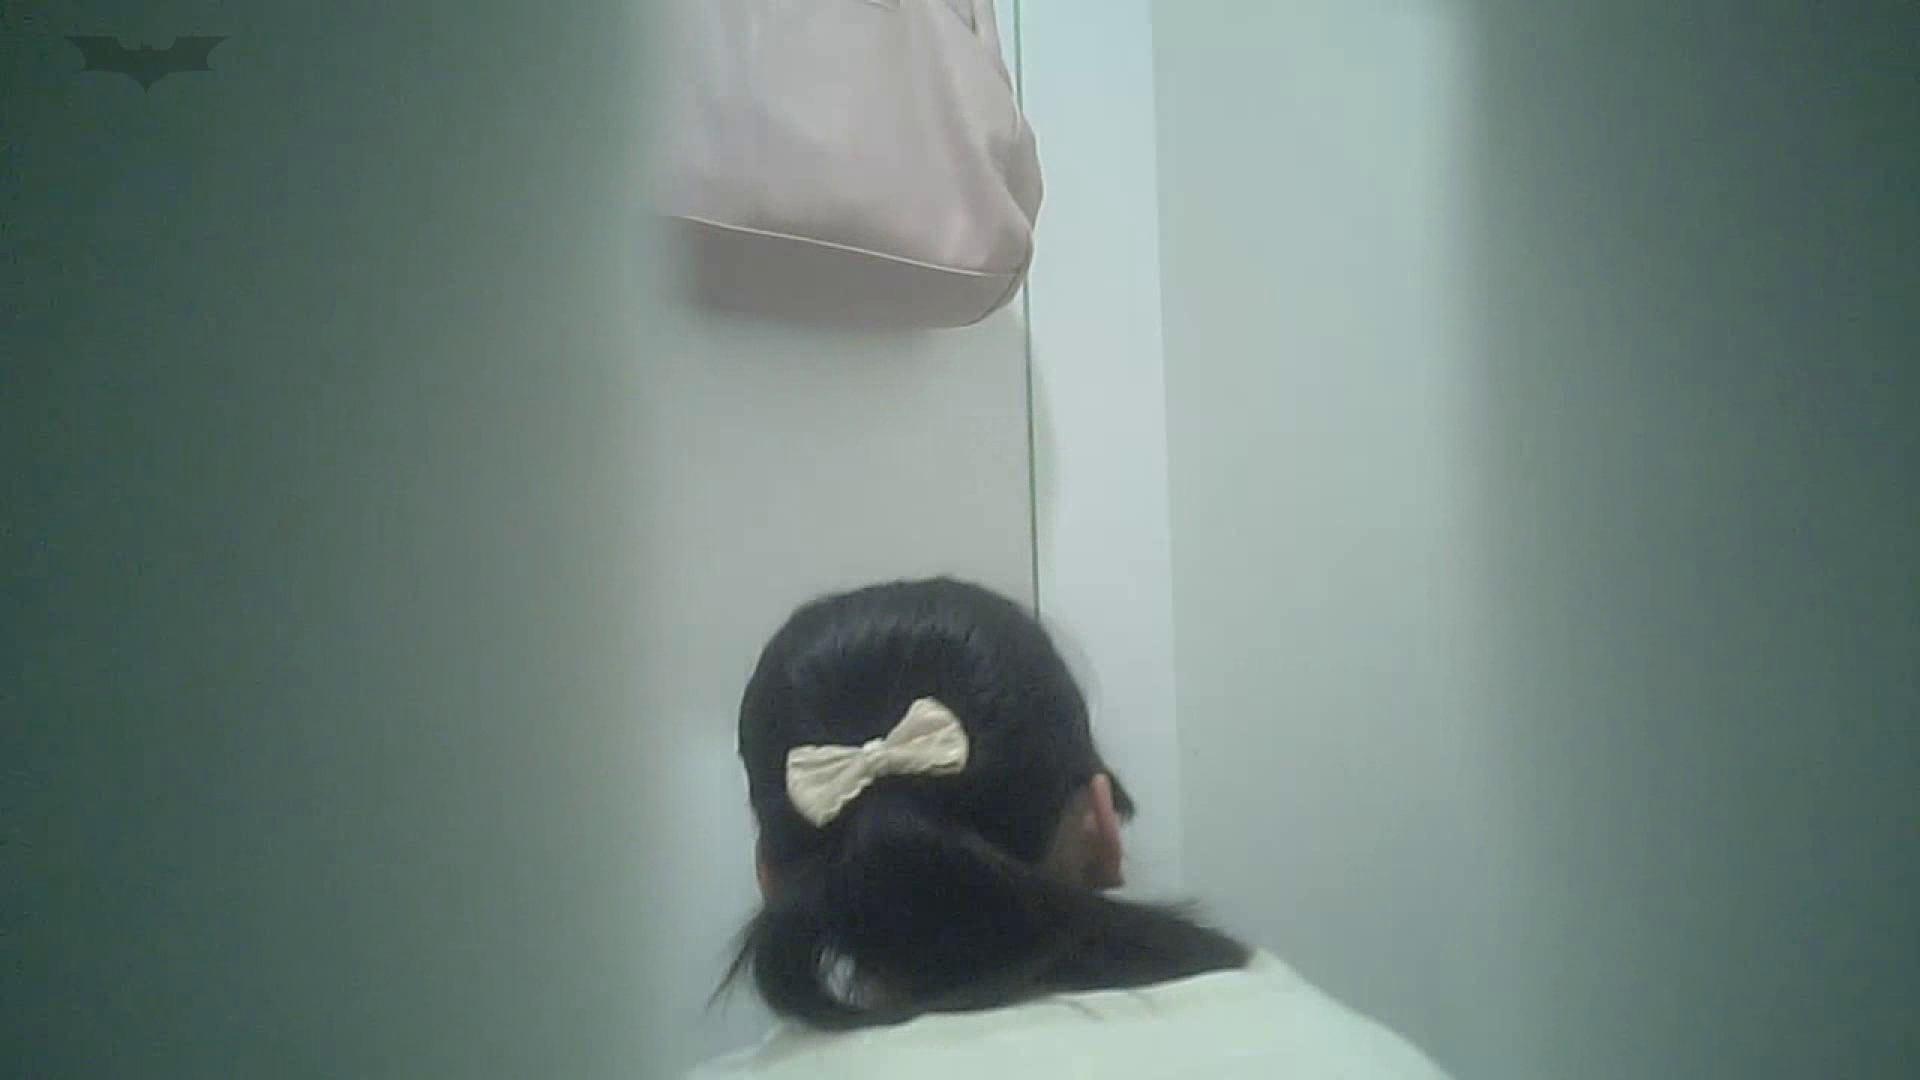 有名大学女性洗面所 vol.40 ??おまじない的な動きをする子がいます。 潜入 すけべAV動画紹介 99枚 59